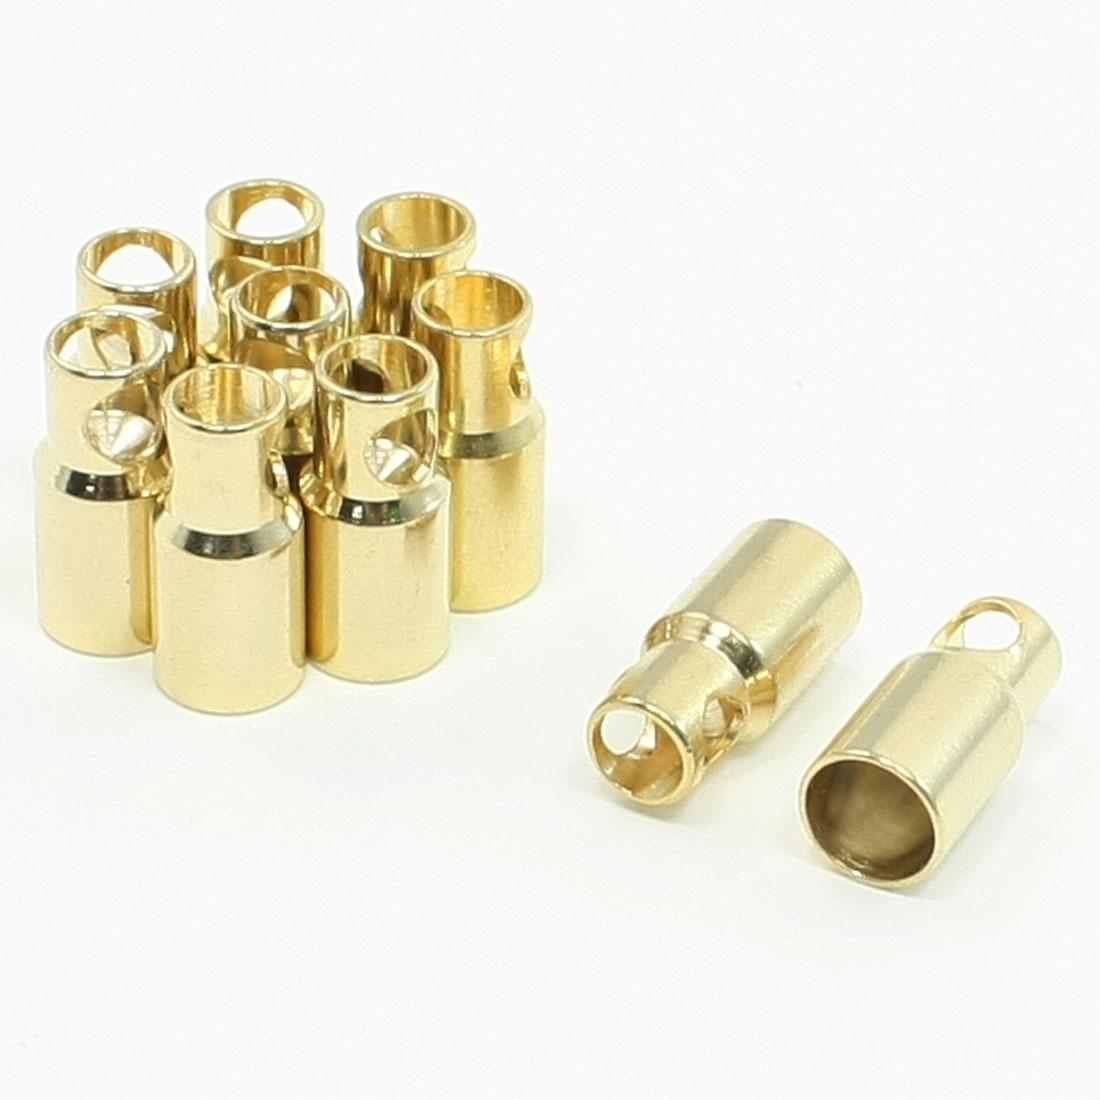 10 Pcs Female Bullet Connector Plug Repair Part 6mm for RC DIY